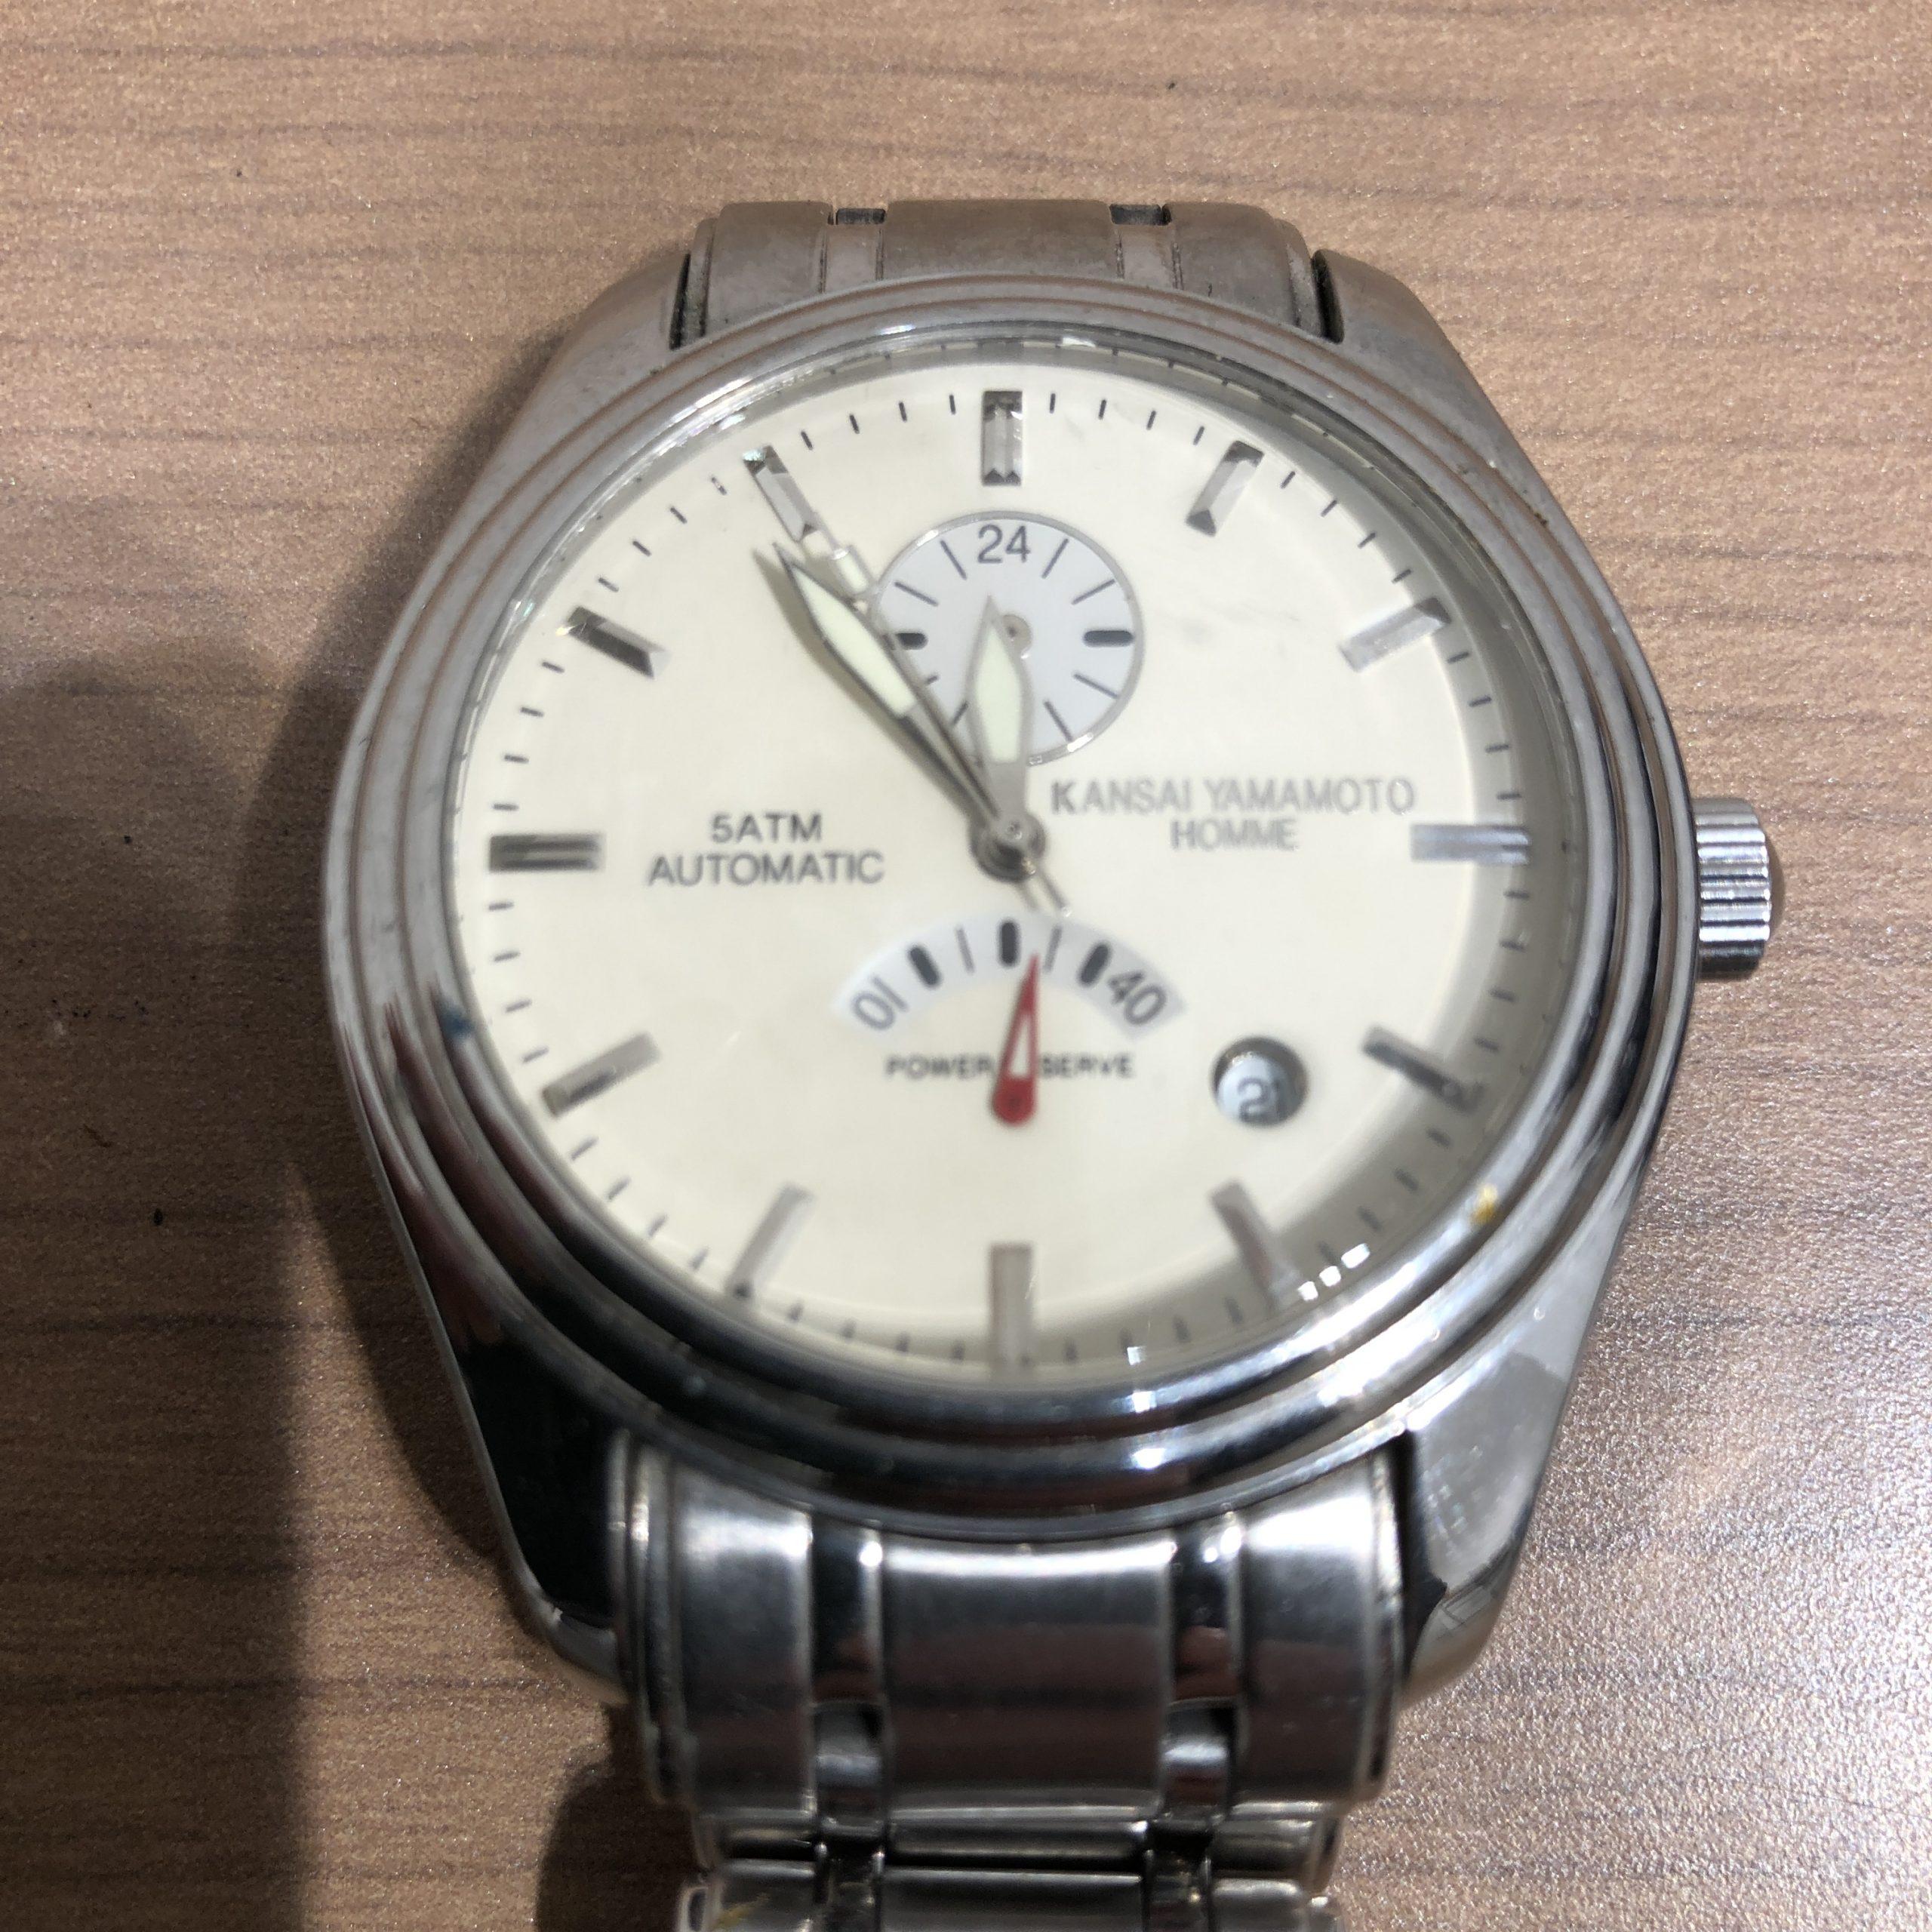 【KANSAI YAMAMOTO/カンサイヤマモト】メンズ 腕時計 自動巻き